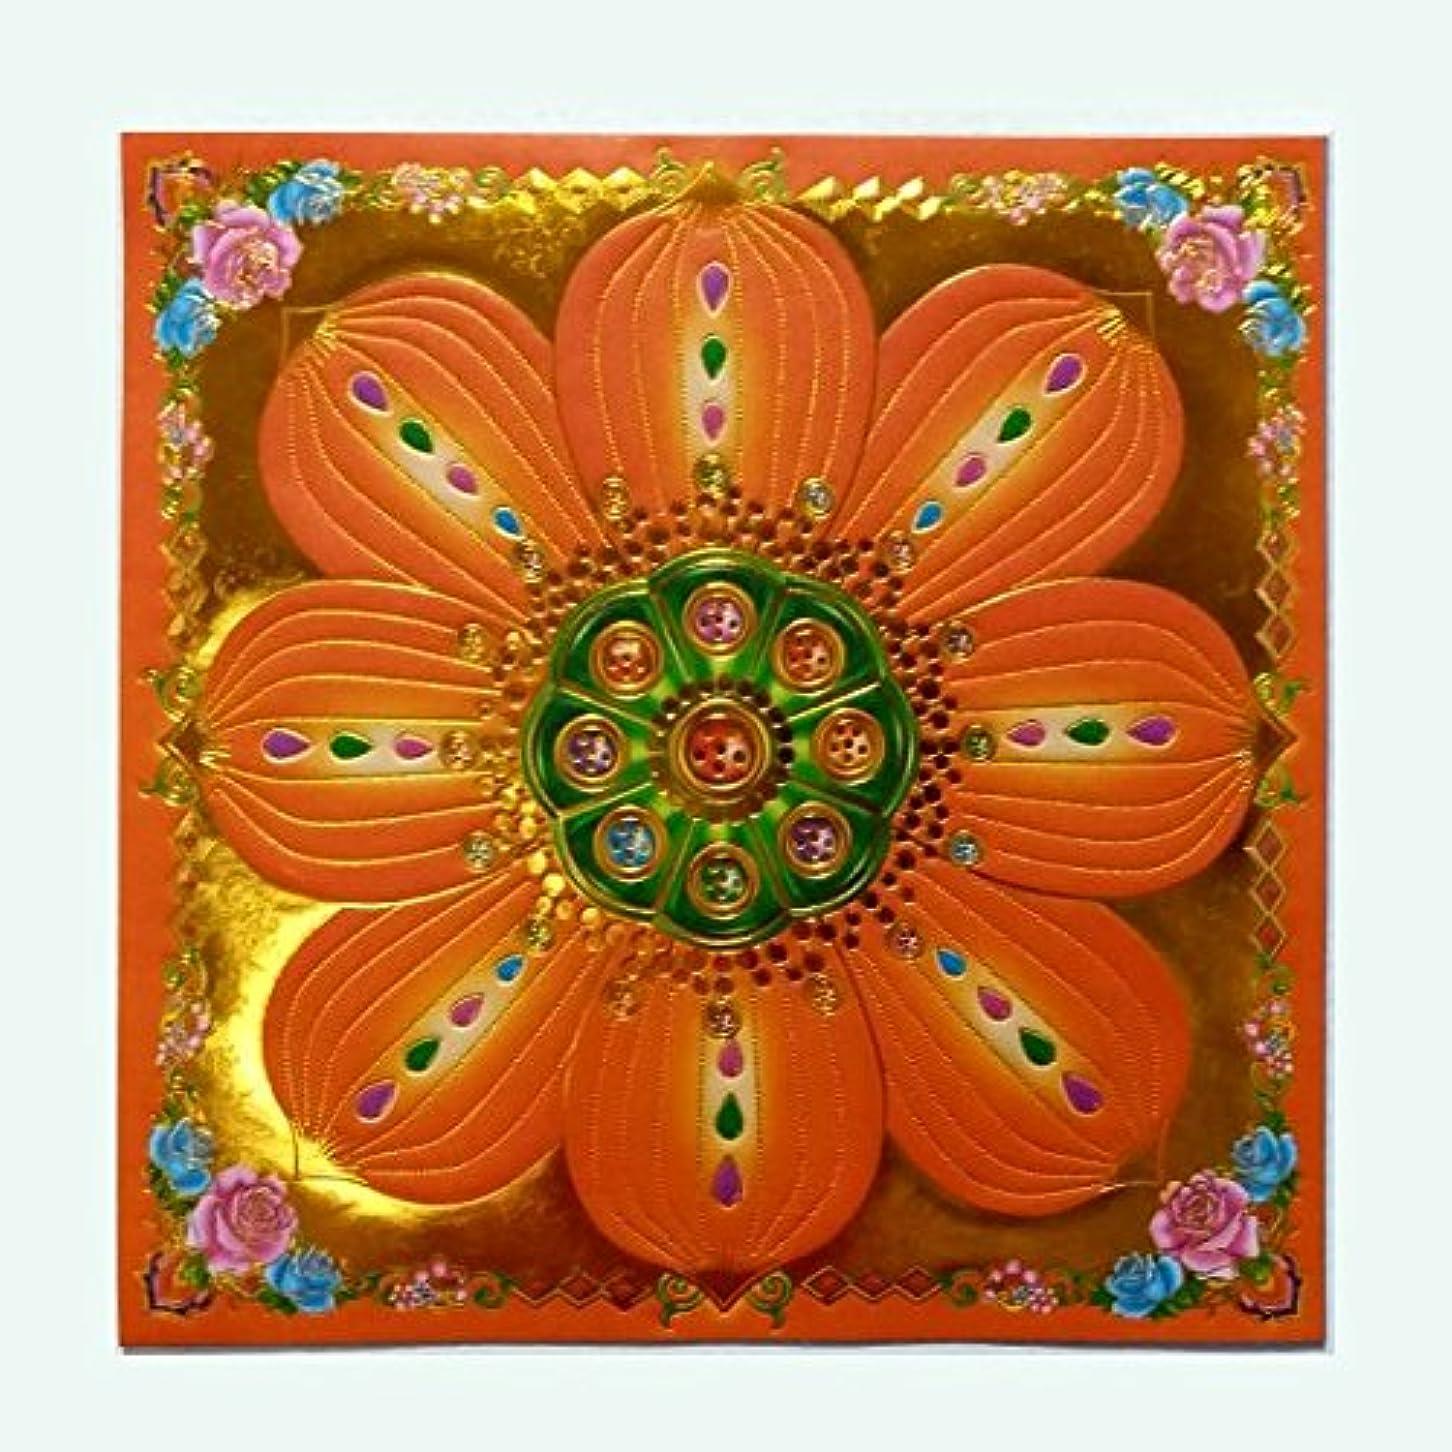 発表誕生ミット40pcs Incense用紙/Joss用紙ハイグレードカラフルwithゴールドの箔Sサイズの祖先Praying 7.5インチx 7.5インチ(オレンジ)